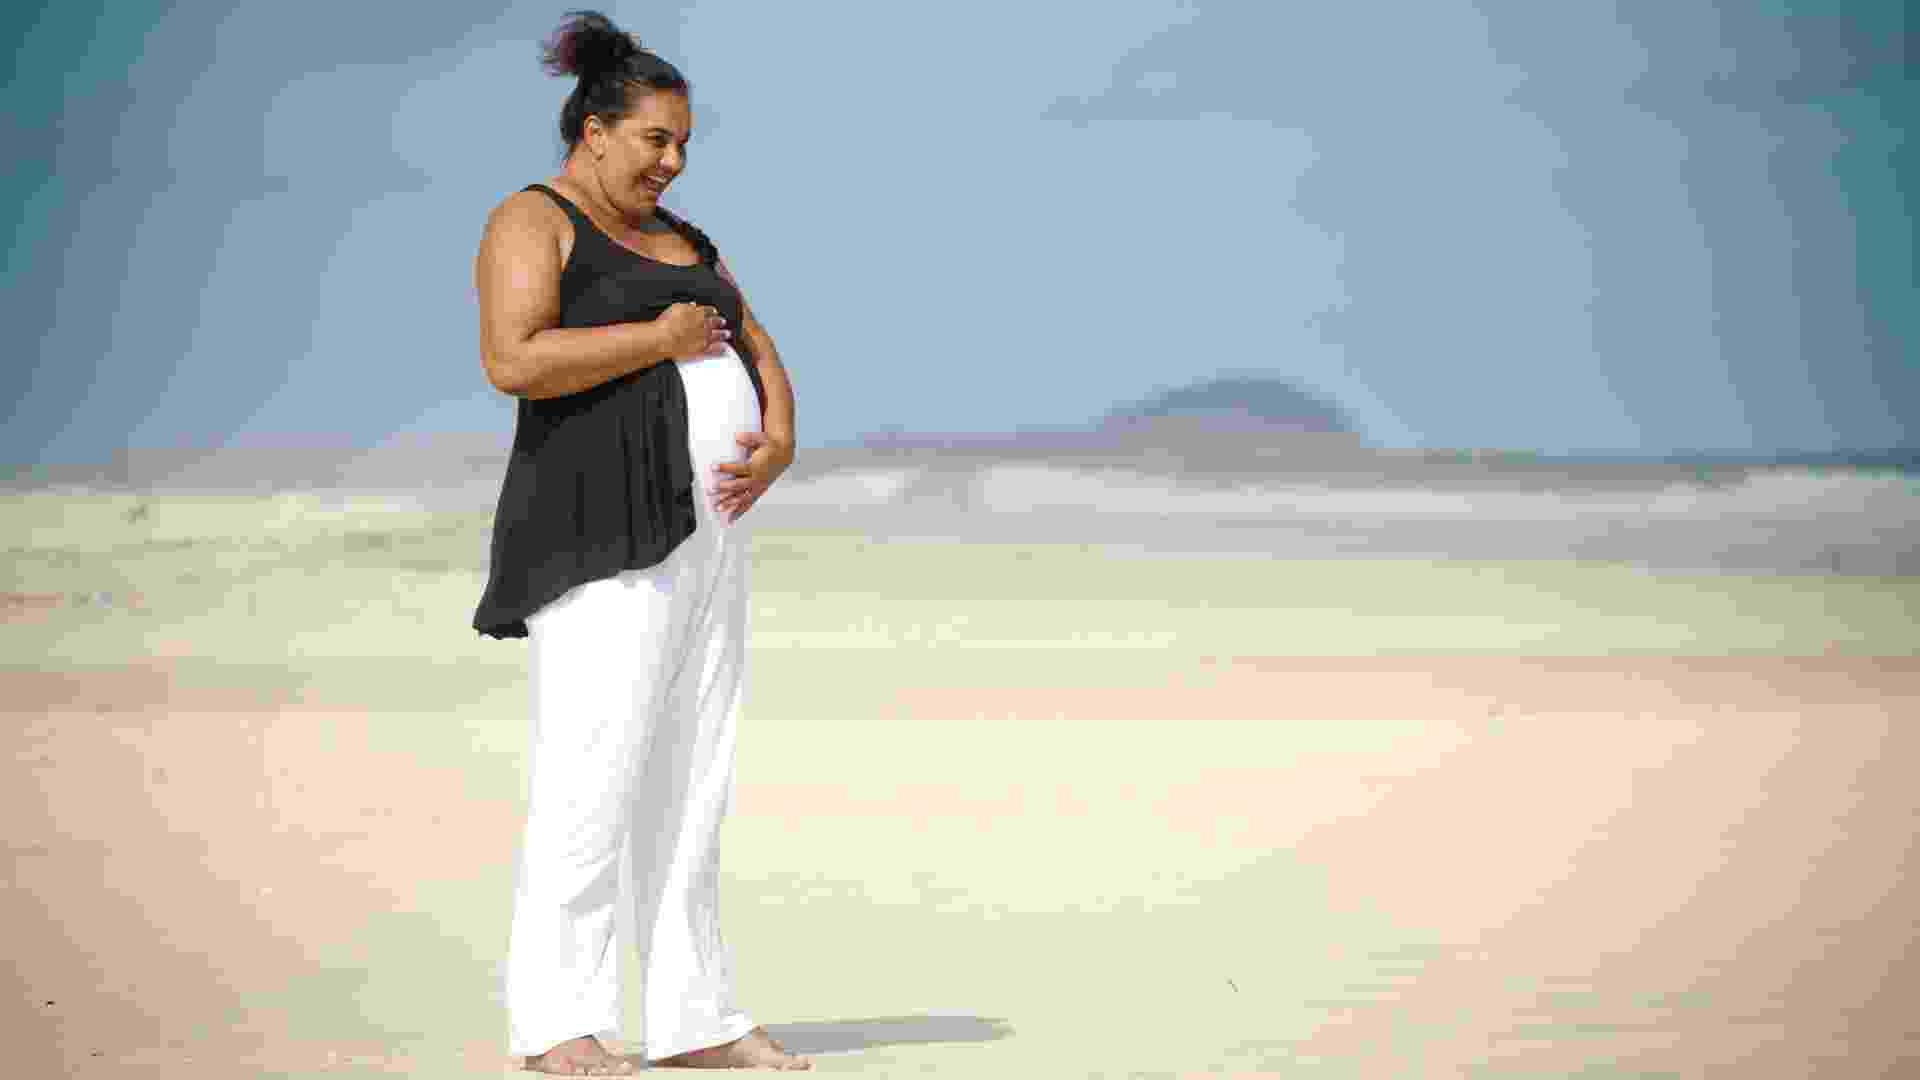 Aos 54 anos, em 2011, a atriz Solange Couto, ficou grávida de um menino, Benjamim, seu filho com o estudante de engenharia Jamerson Andrade, trinta anos mais novo, - Marcos Michael/Folhapress